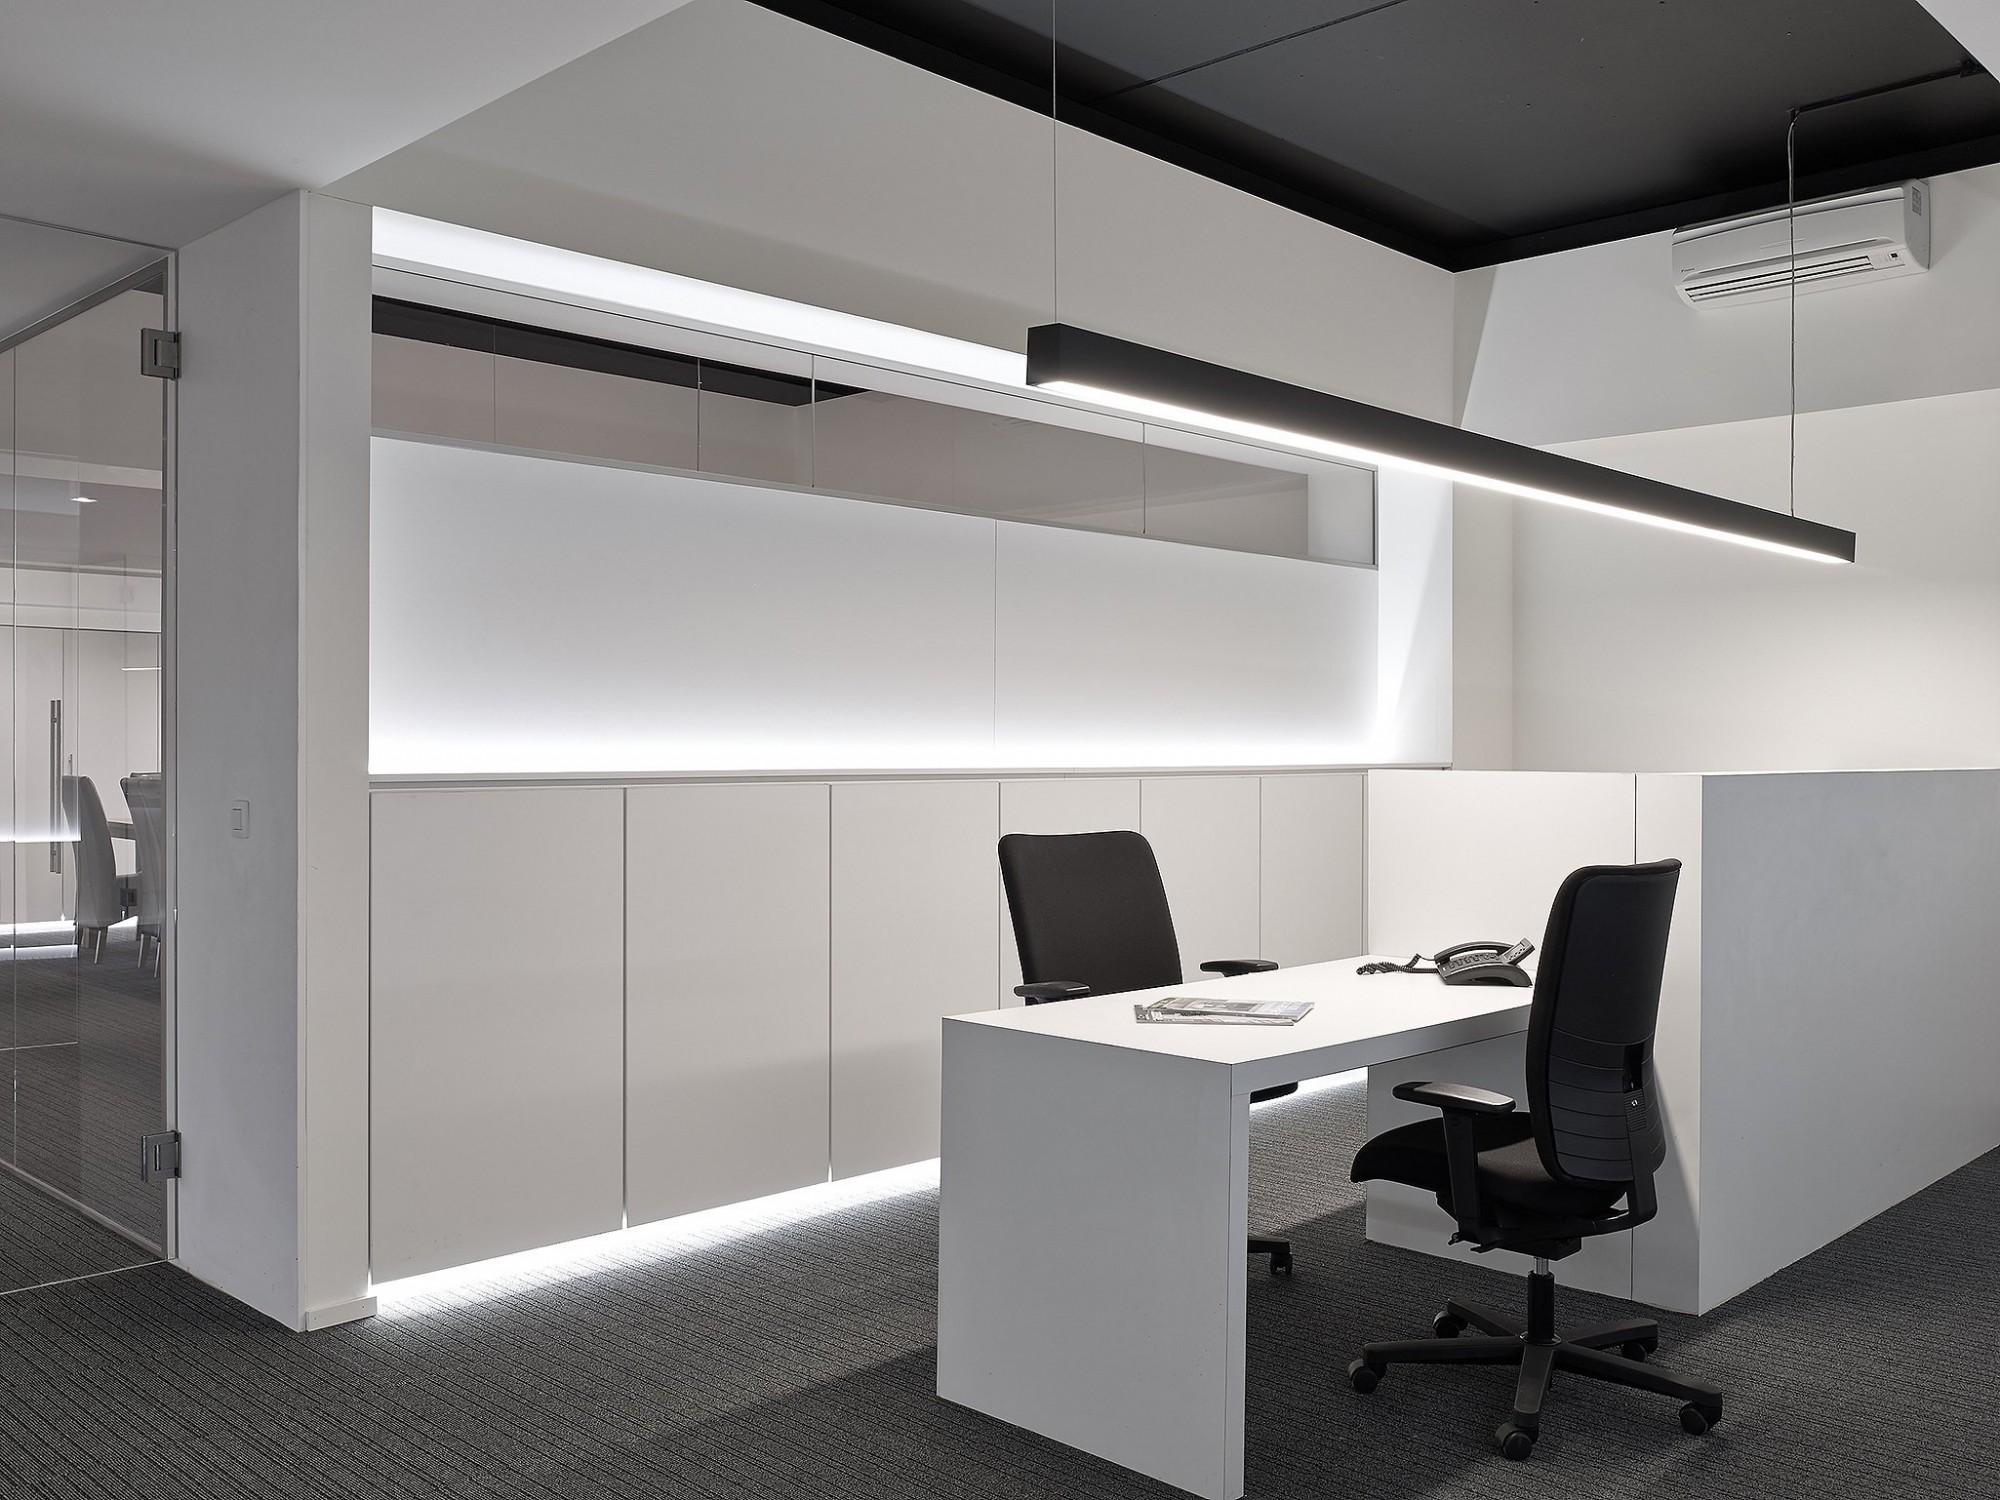 Afbeelding: Interieurfotografie, fotografie bureau - verlichting, foto Van Huffel Hoogstraten.